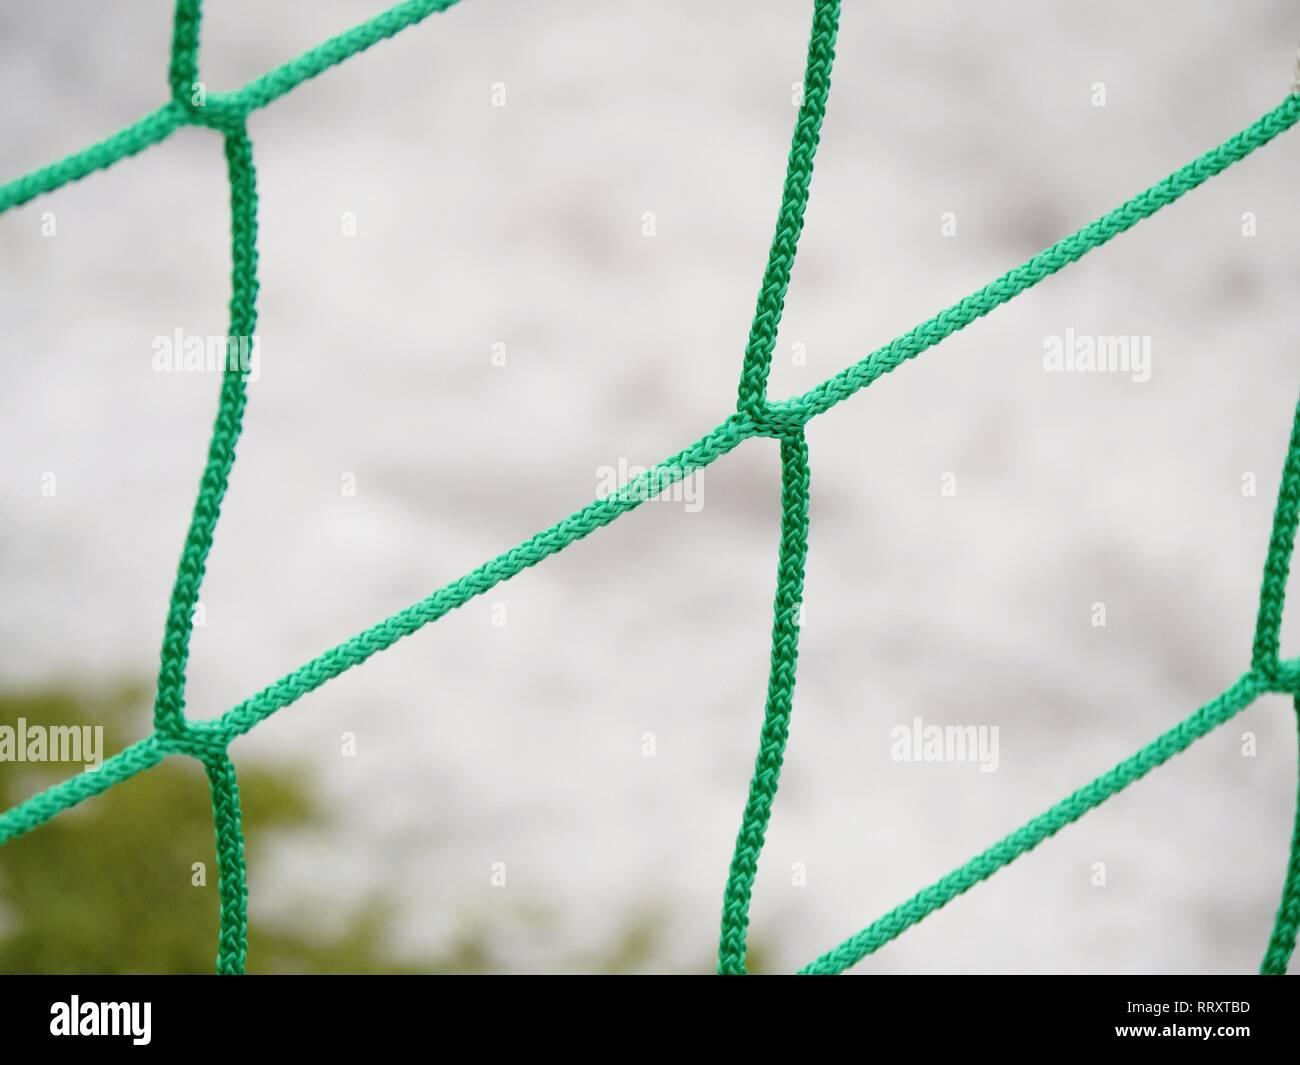 Ziel Tor Mit Netz Und Schnee An Der Seite Detailansicht Zu